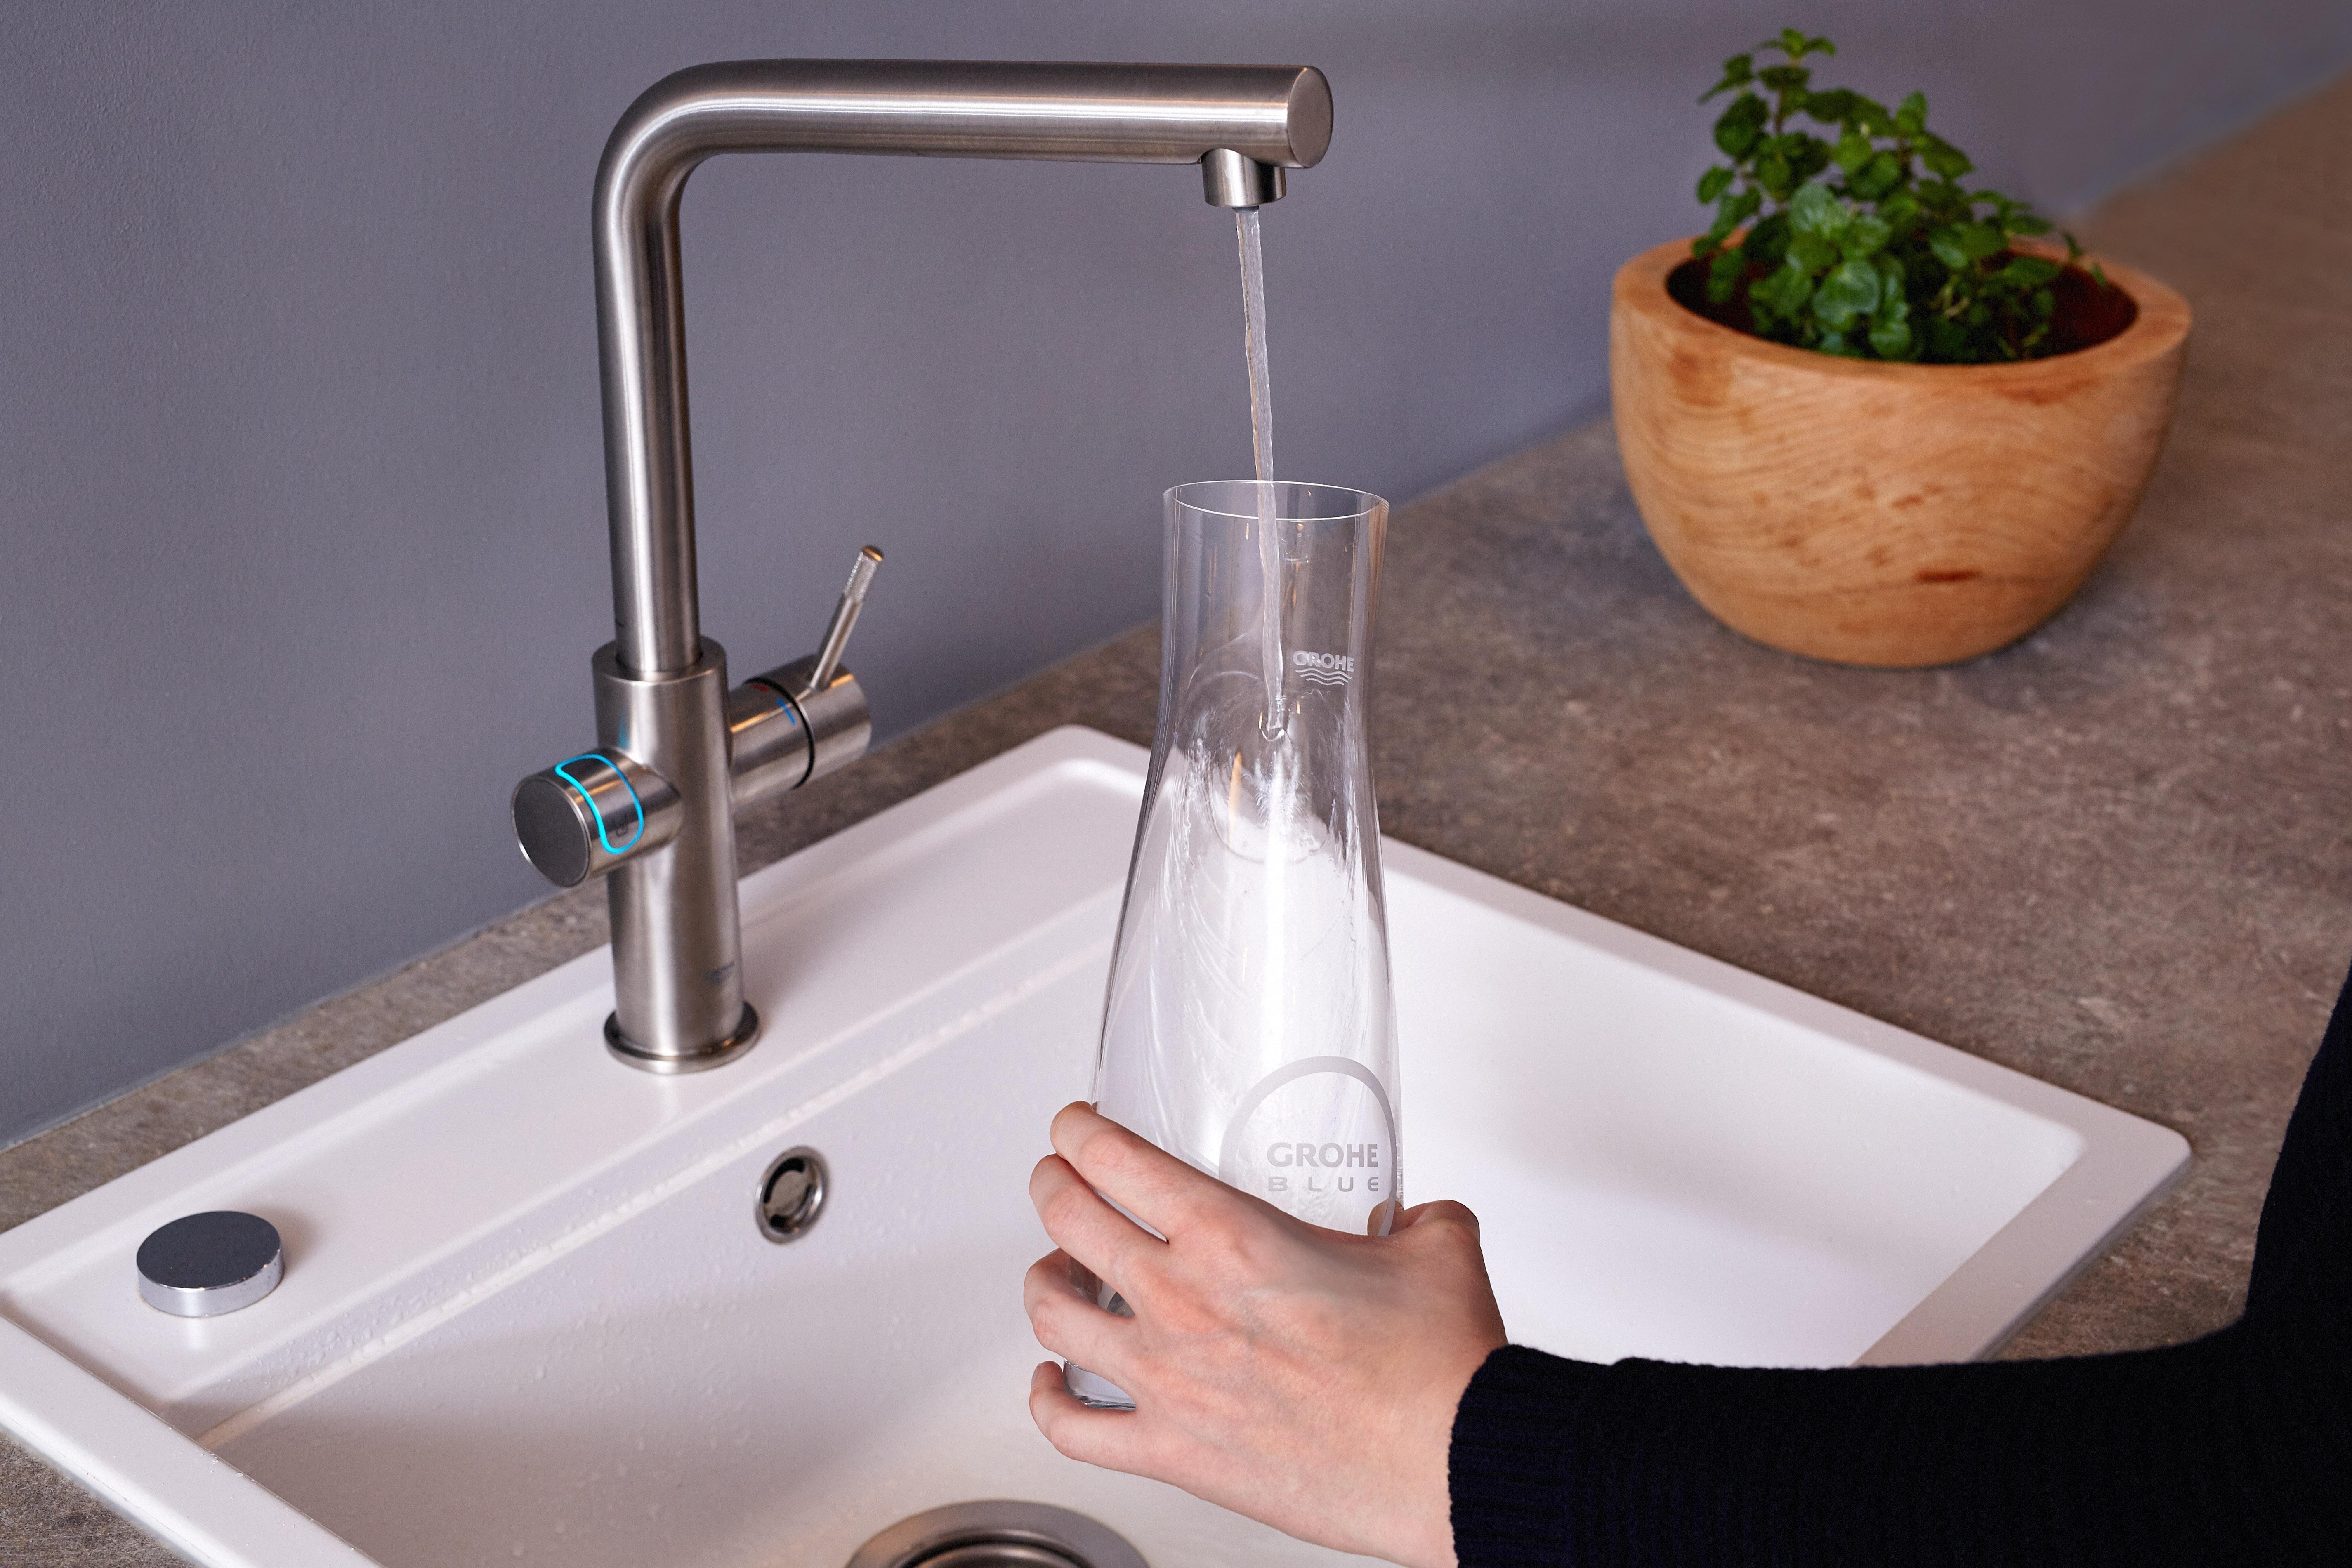 Der Einfache Weg Zu Perfektem Trinkwasser 1 E255f68f 0aa8 4529 Ad91  815293c2c532